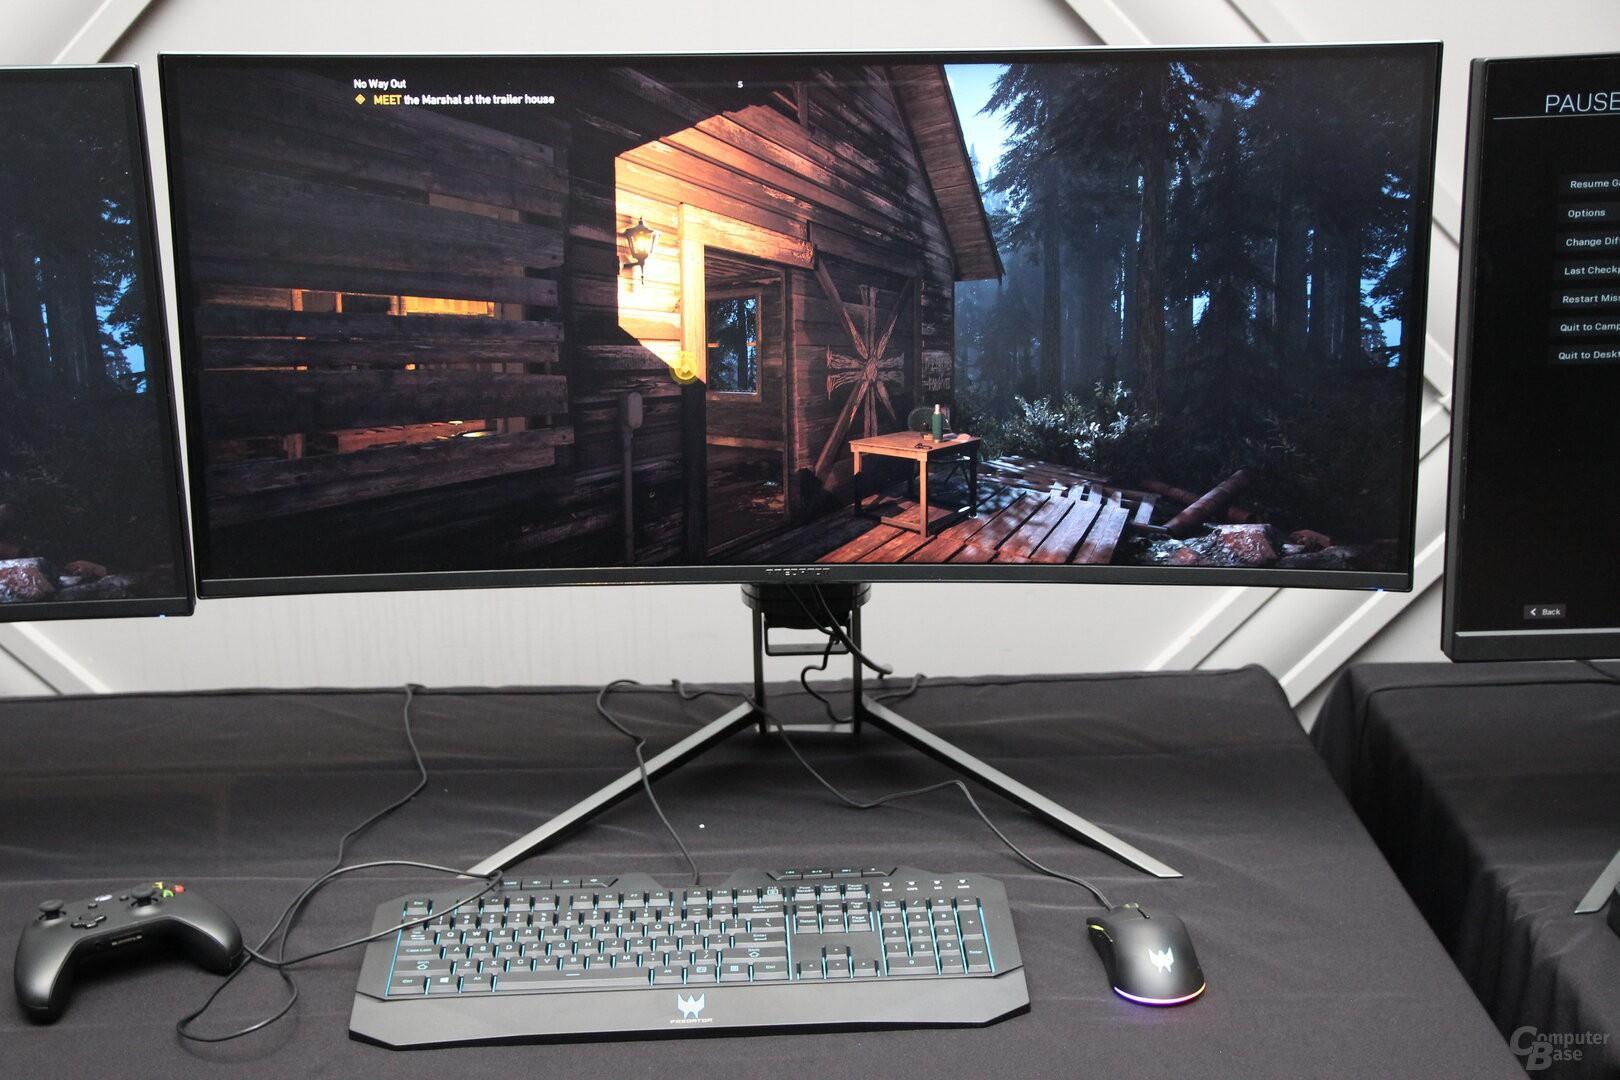 Acer giới thiệu loạt màn hình chơi game: 4K OLED, 55 inch, giá từ 2.999 USD Ảnh 3